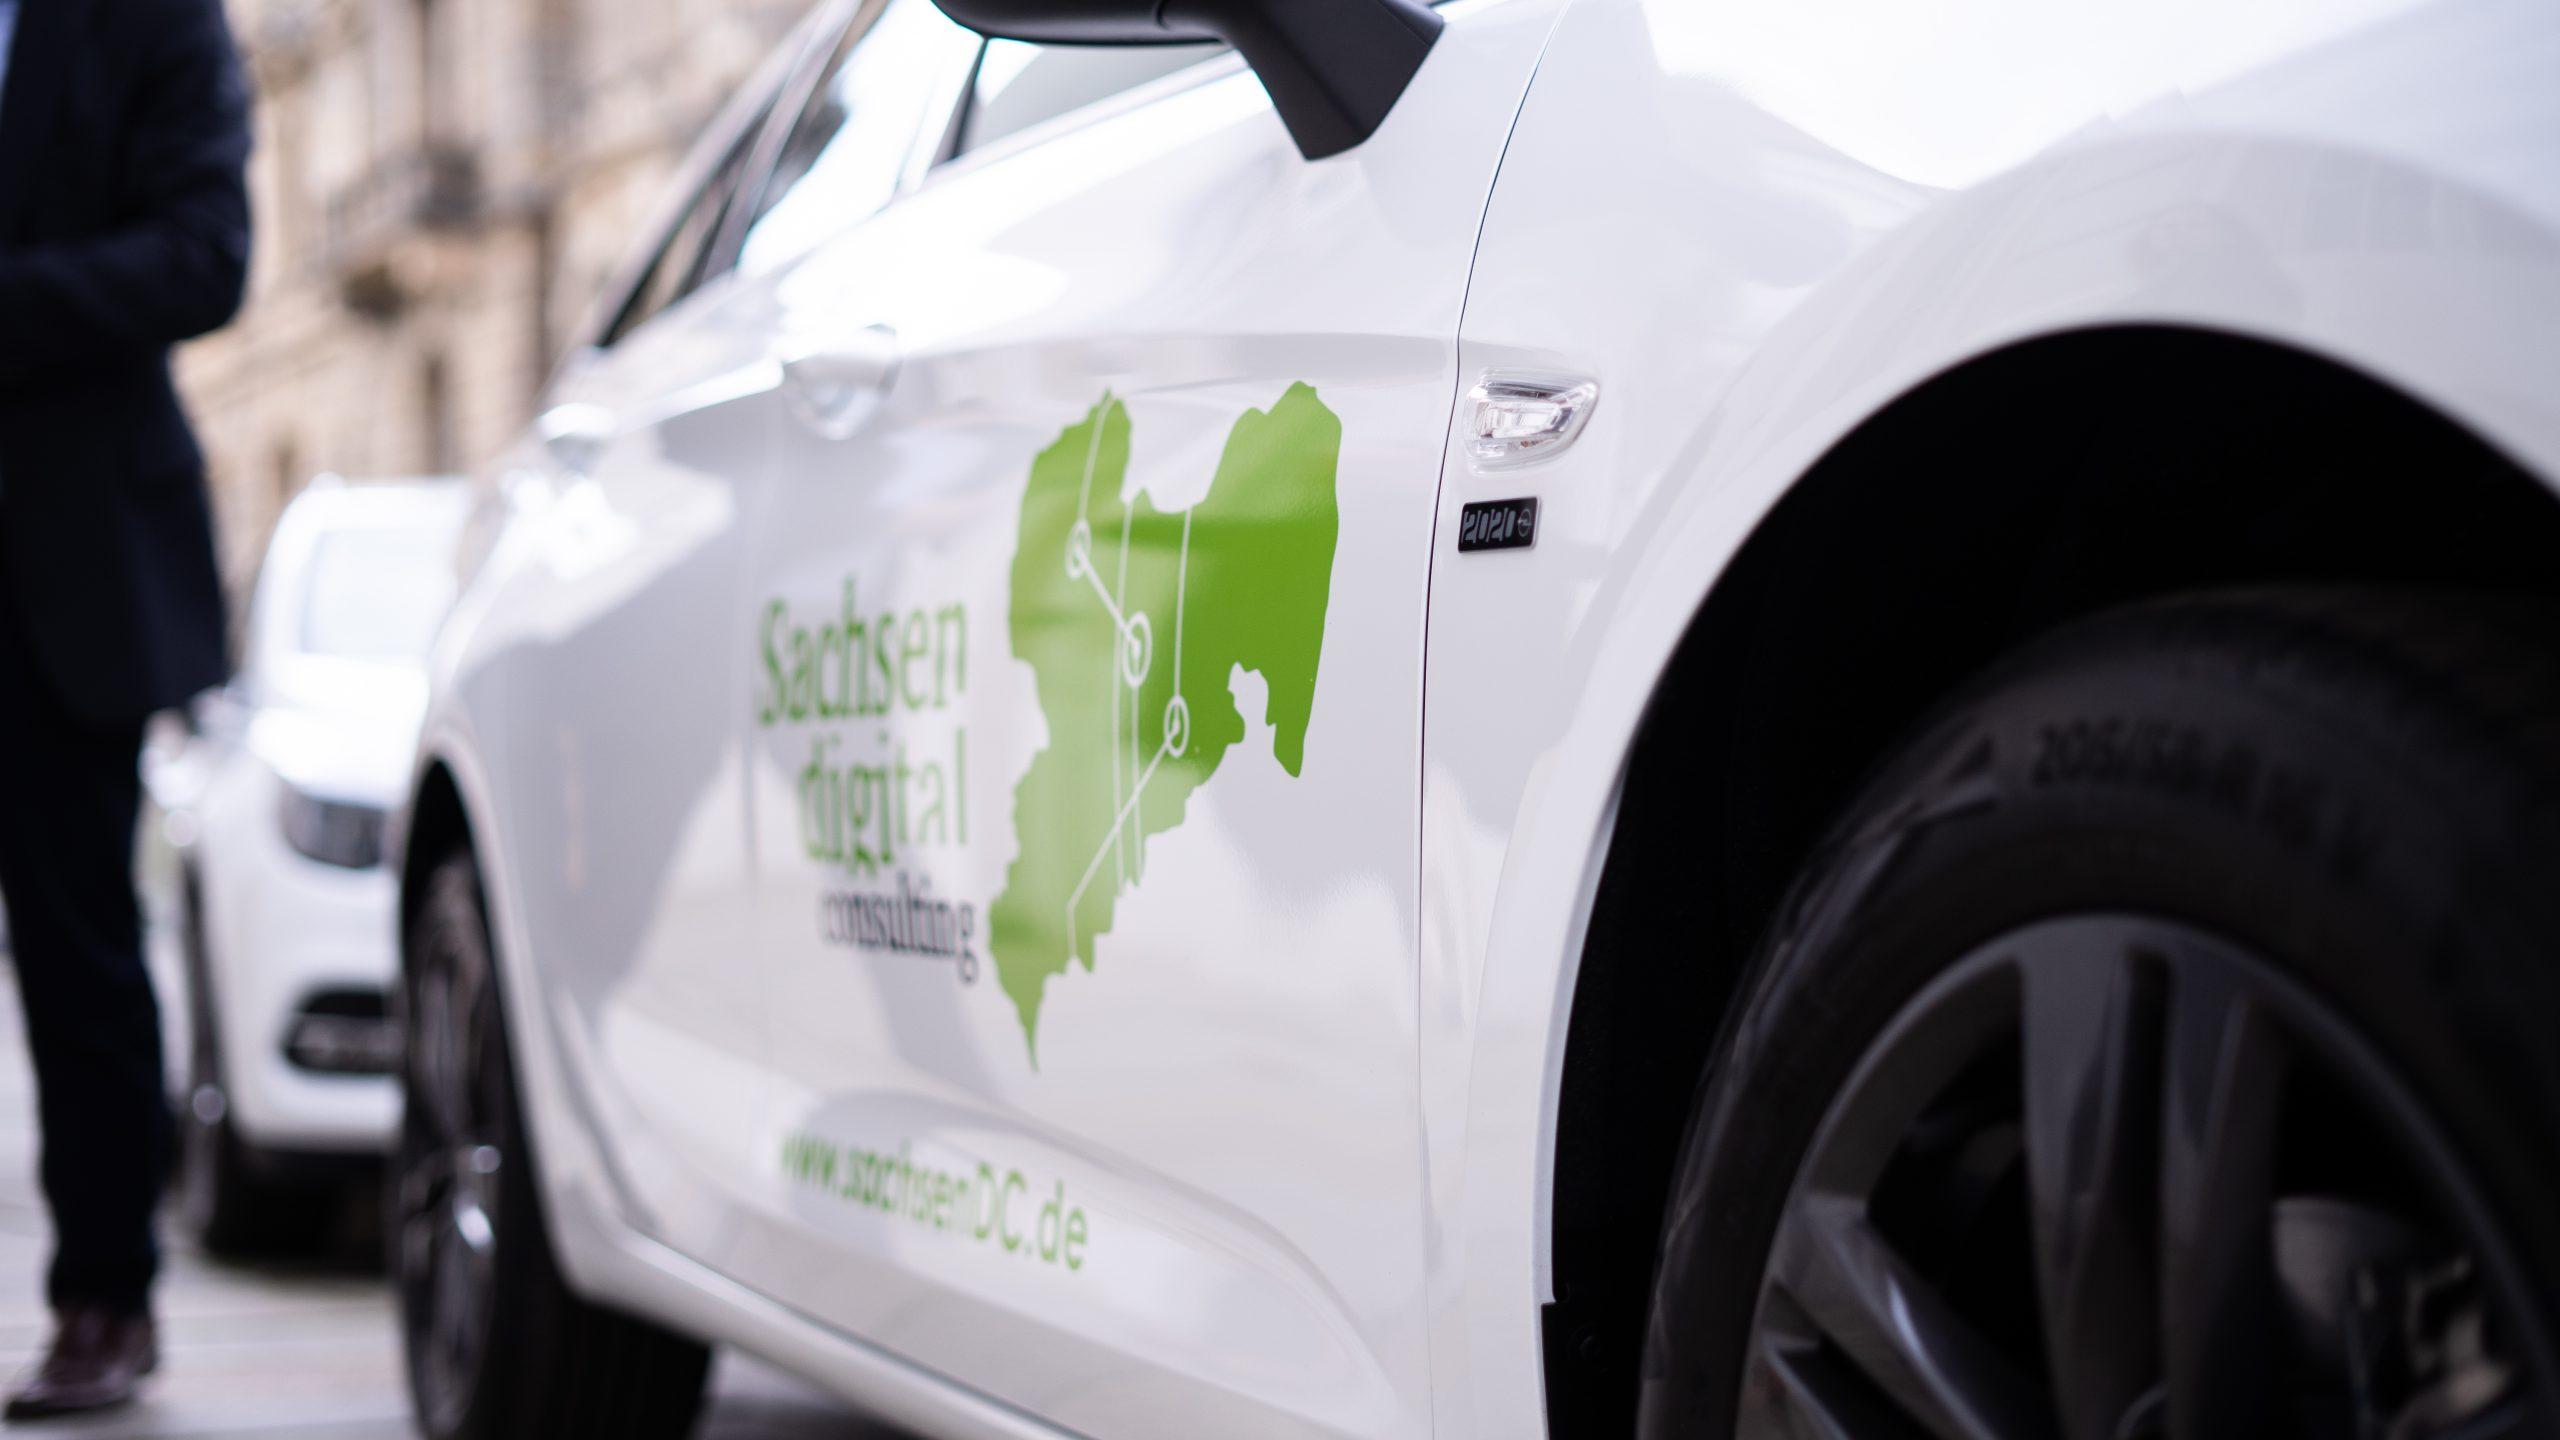 Read more about the article Wir machen Sachsen digital. – 06.05.2020 Anlieferung der ersten neugestalteten Funktionsfahrzeuge der SDC.